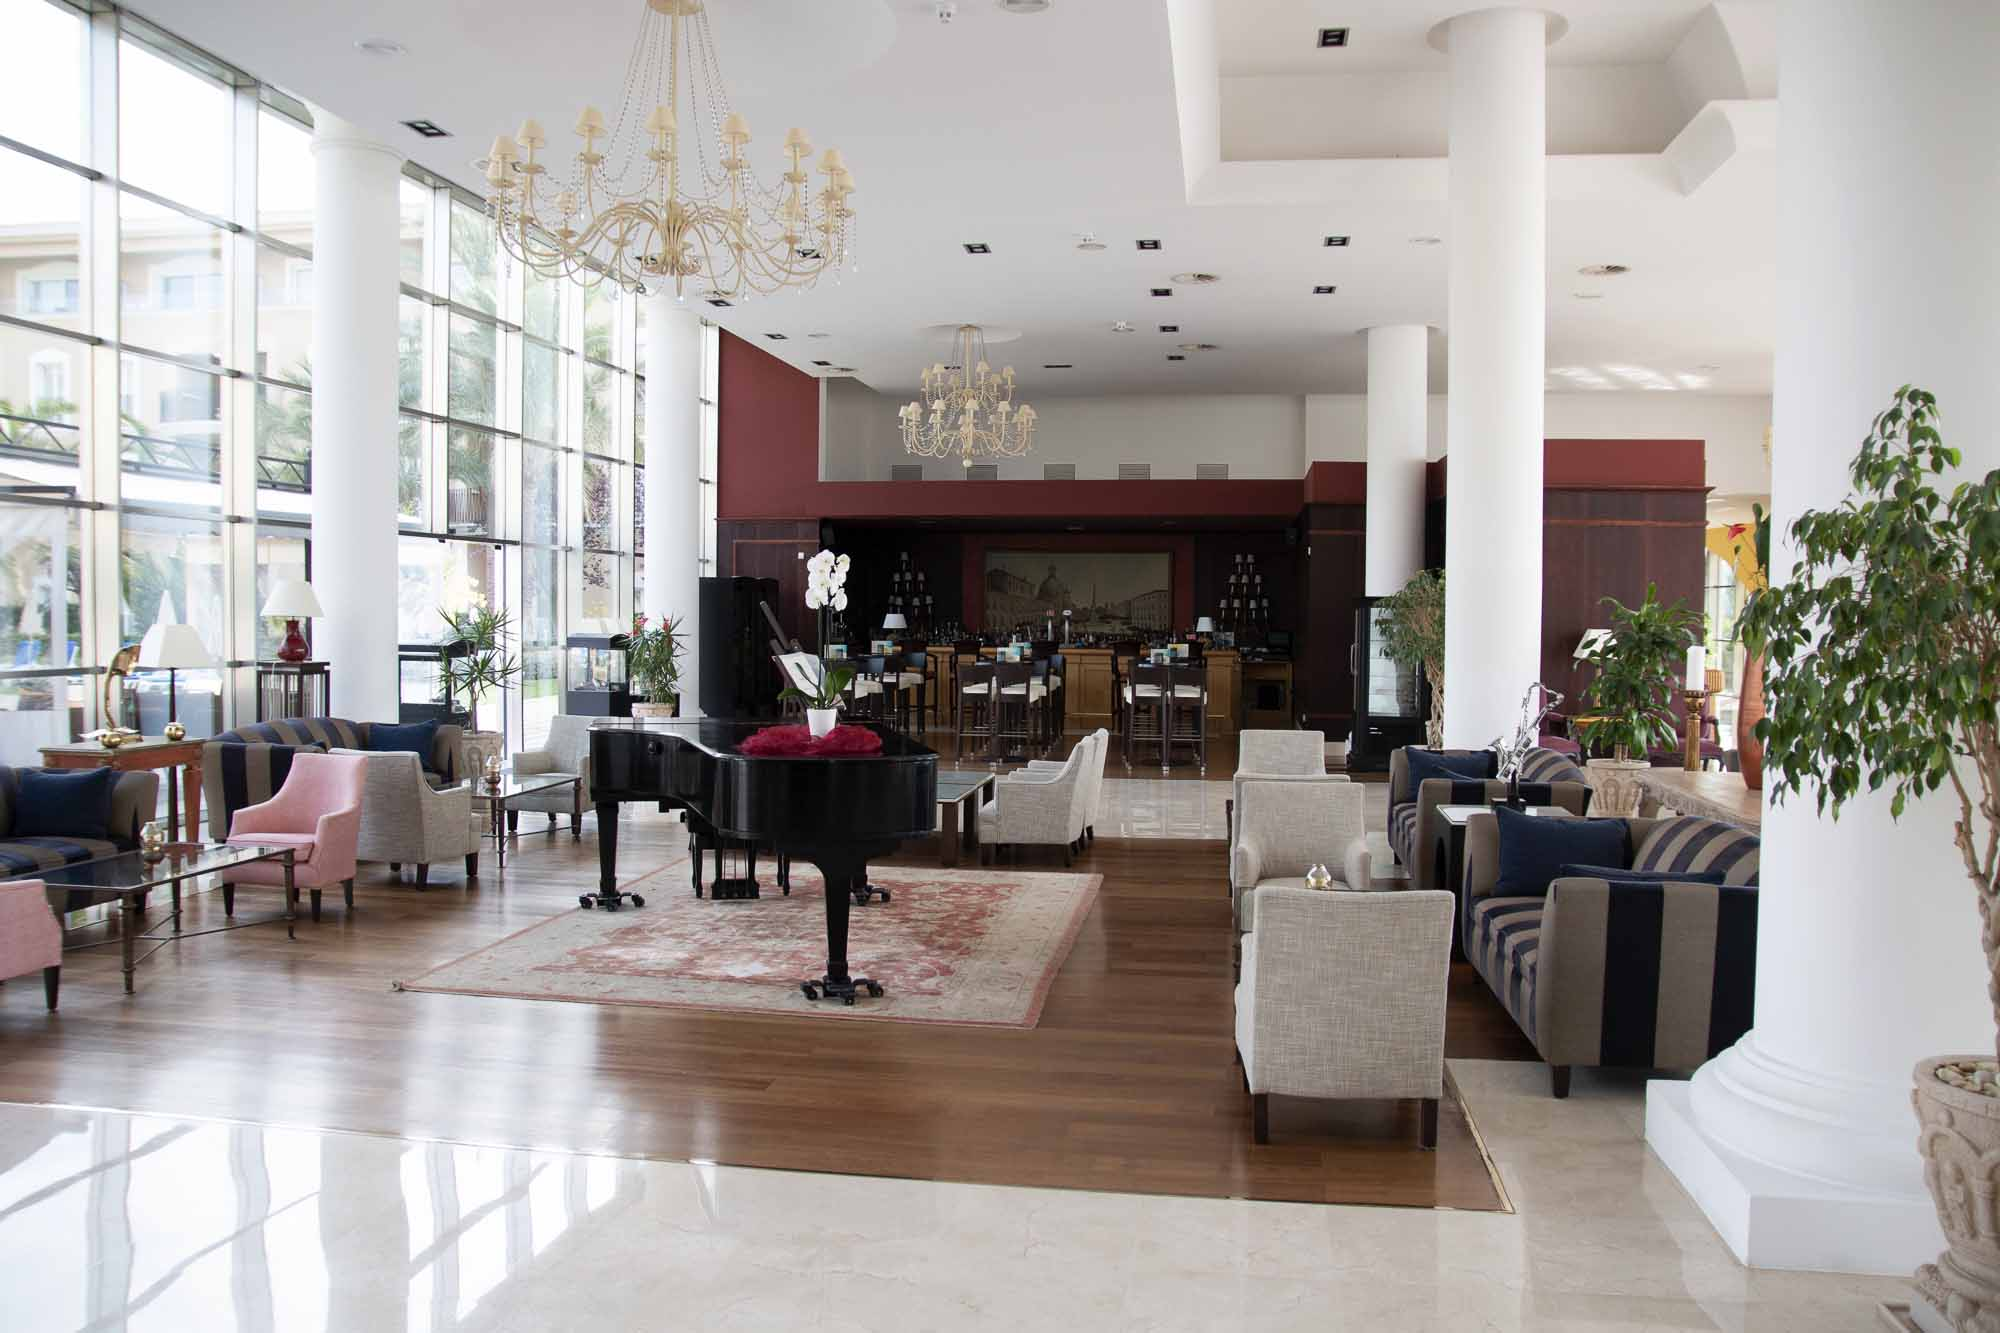 Die Lobby im Grupotel Playa de Palma Suites & Spa / Foto: Ingo Paszkowsky